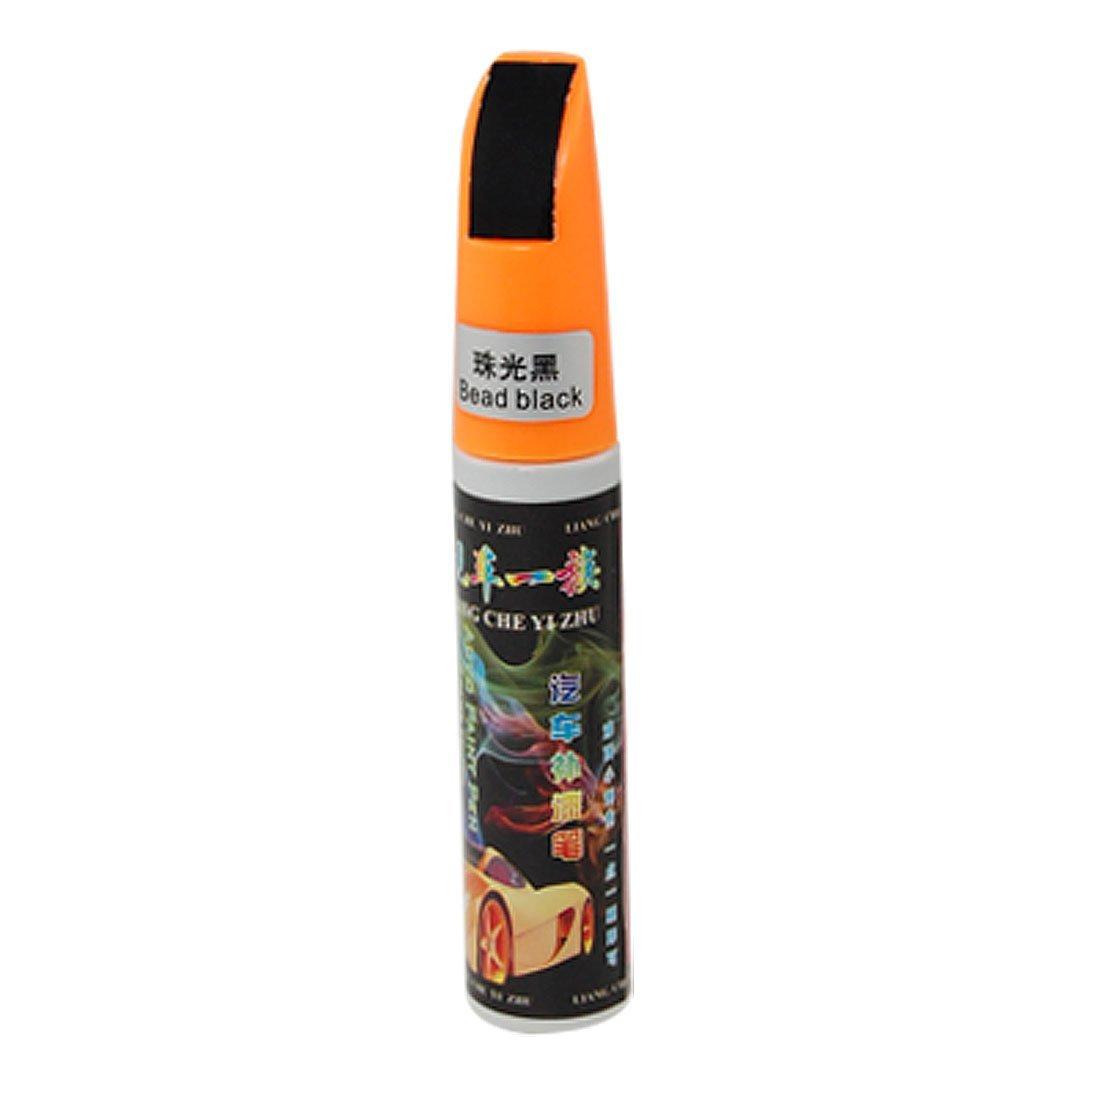 uxcell Orange Plastic Cap Bead Black Scratches Repairing Brush Paint Pen for Car